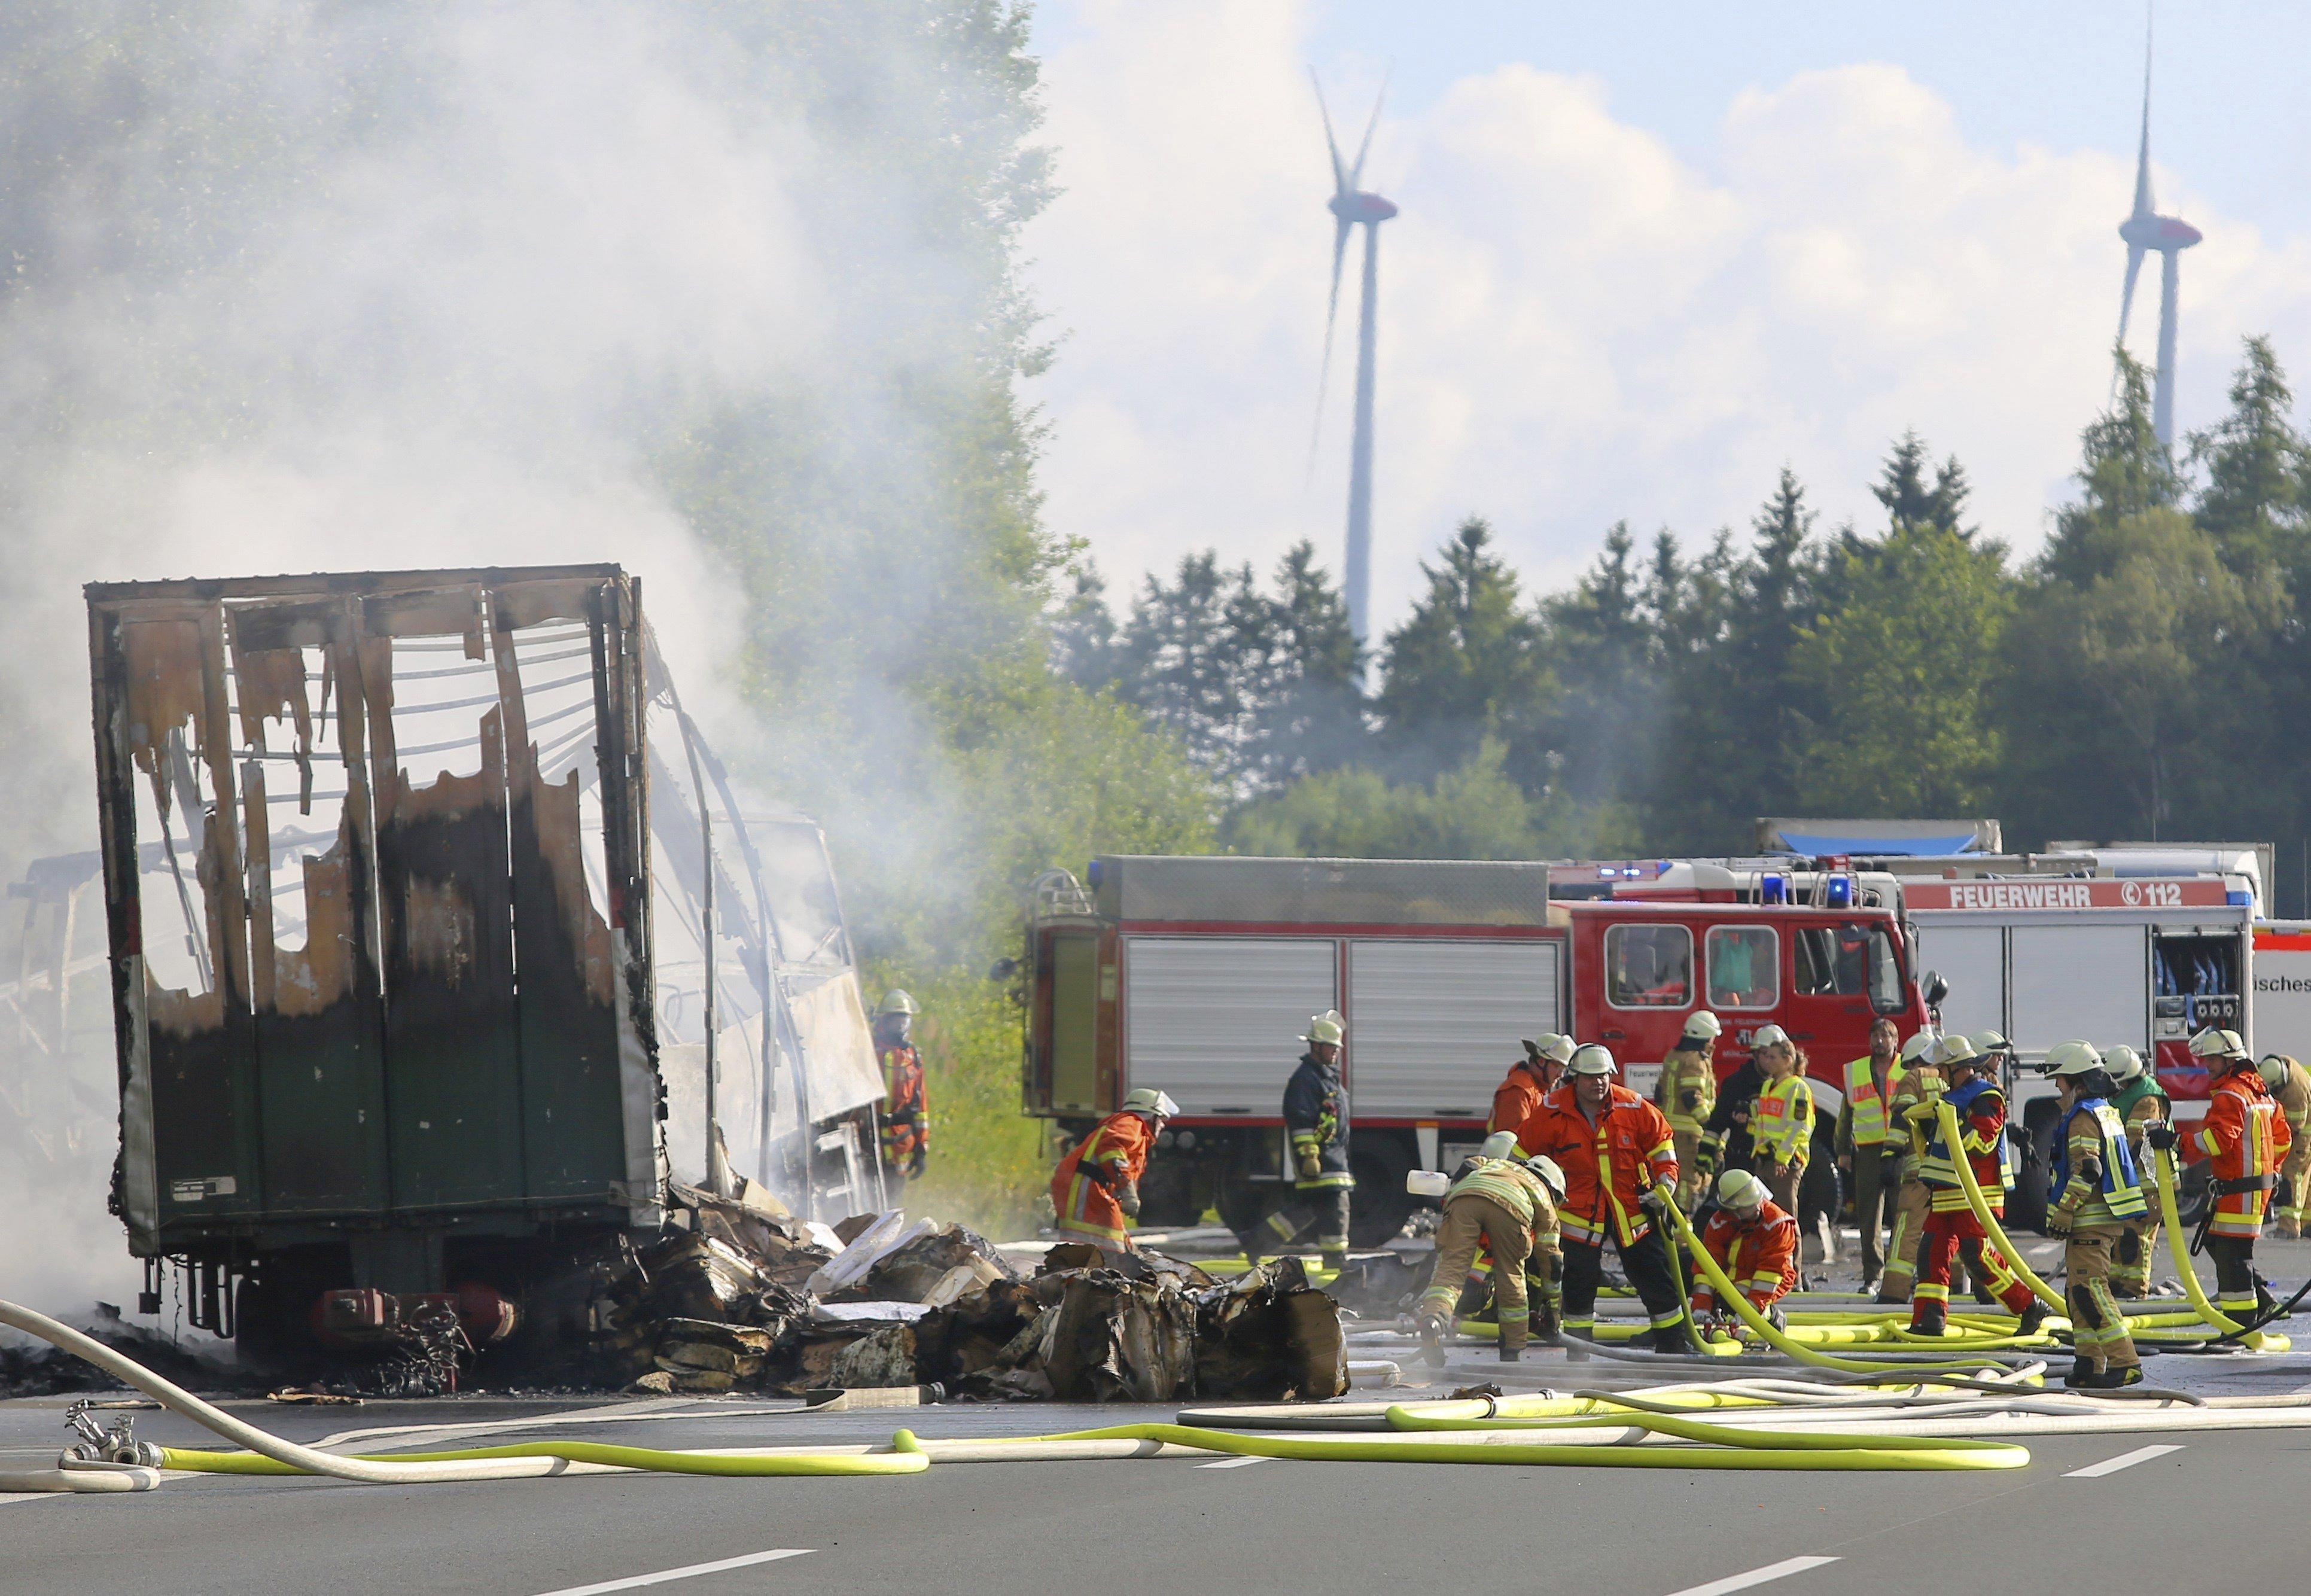 Bombers treballen al costat de les restes calcinades d'un autobús a la carretera A9 de Nuremberg, prop de Münchberg (Alemanya). STEPHAN FRICKE